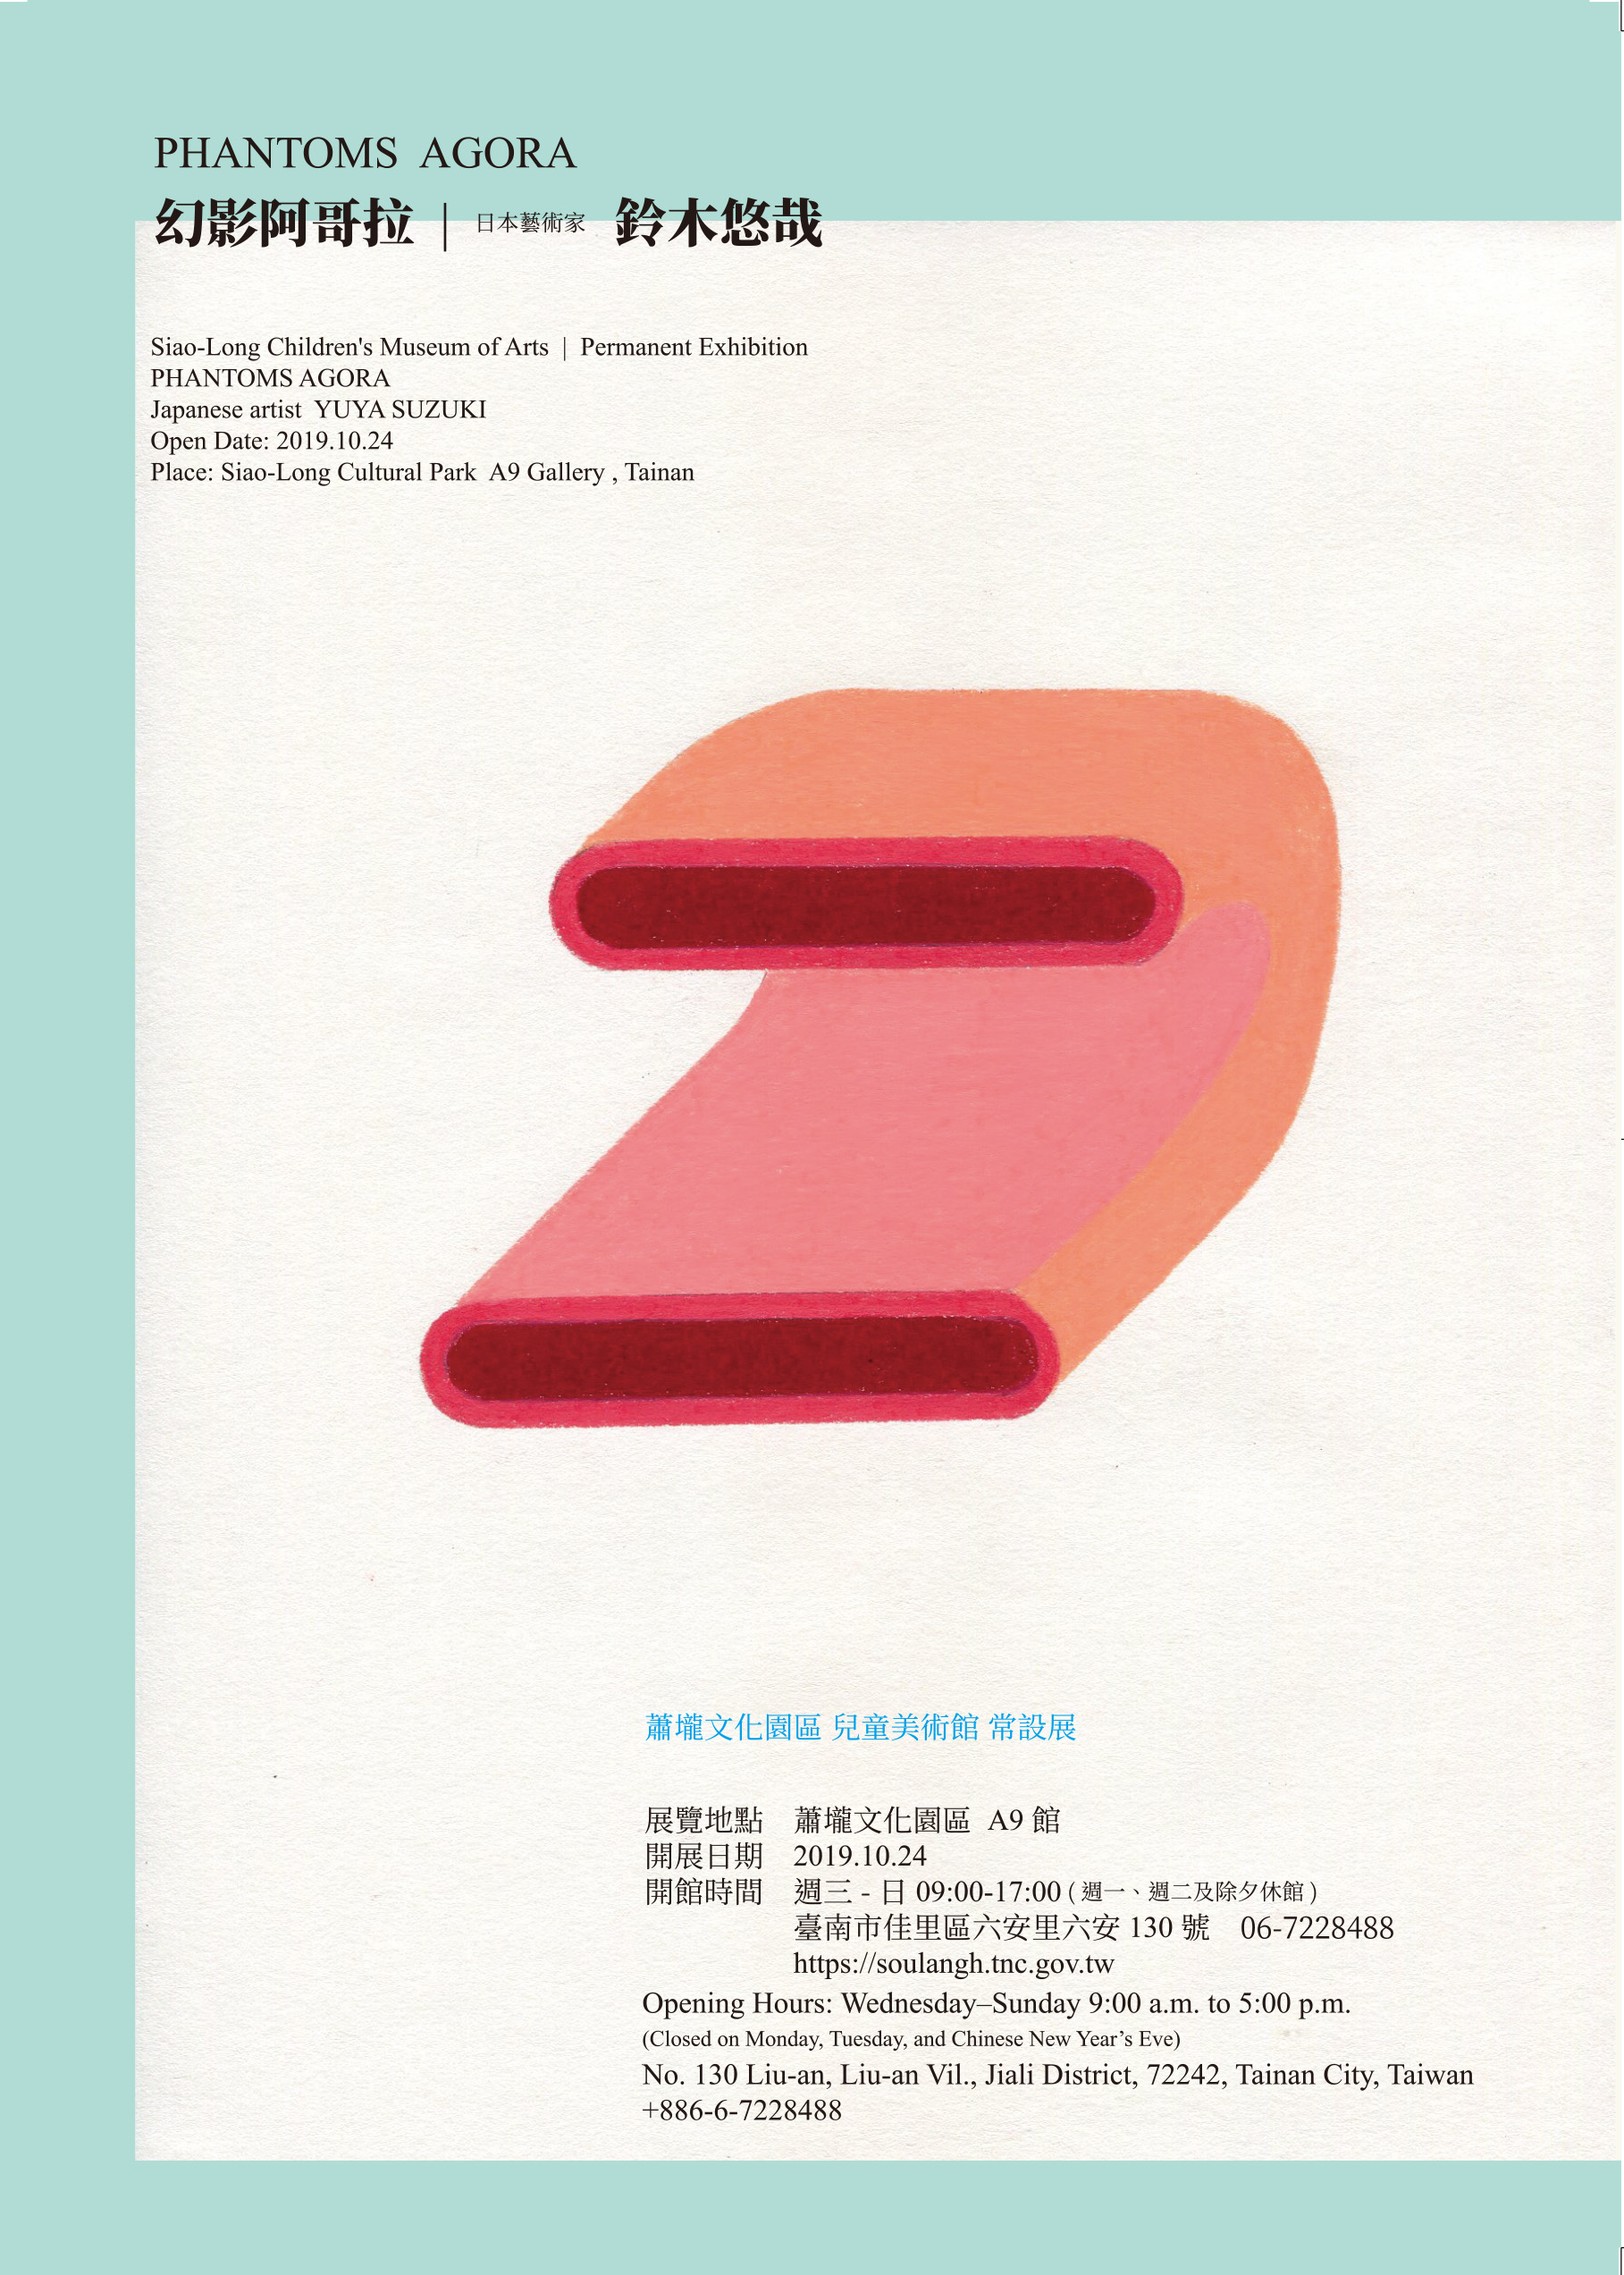 民政及人文課:蕭壠兒童美術館最新常設展《幻影阿哥拉》